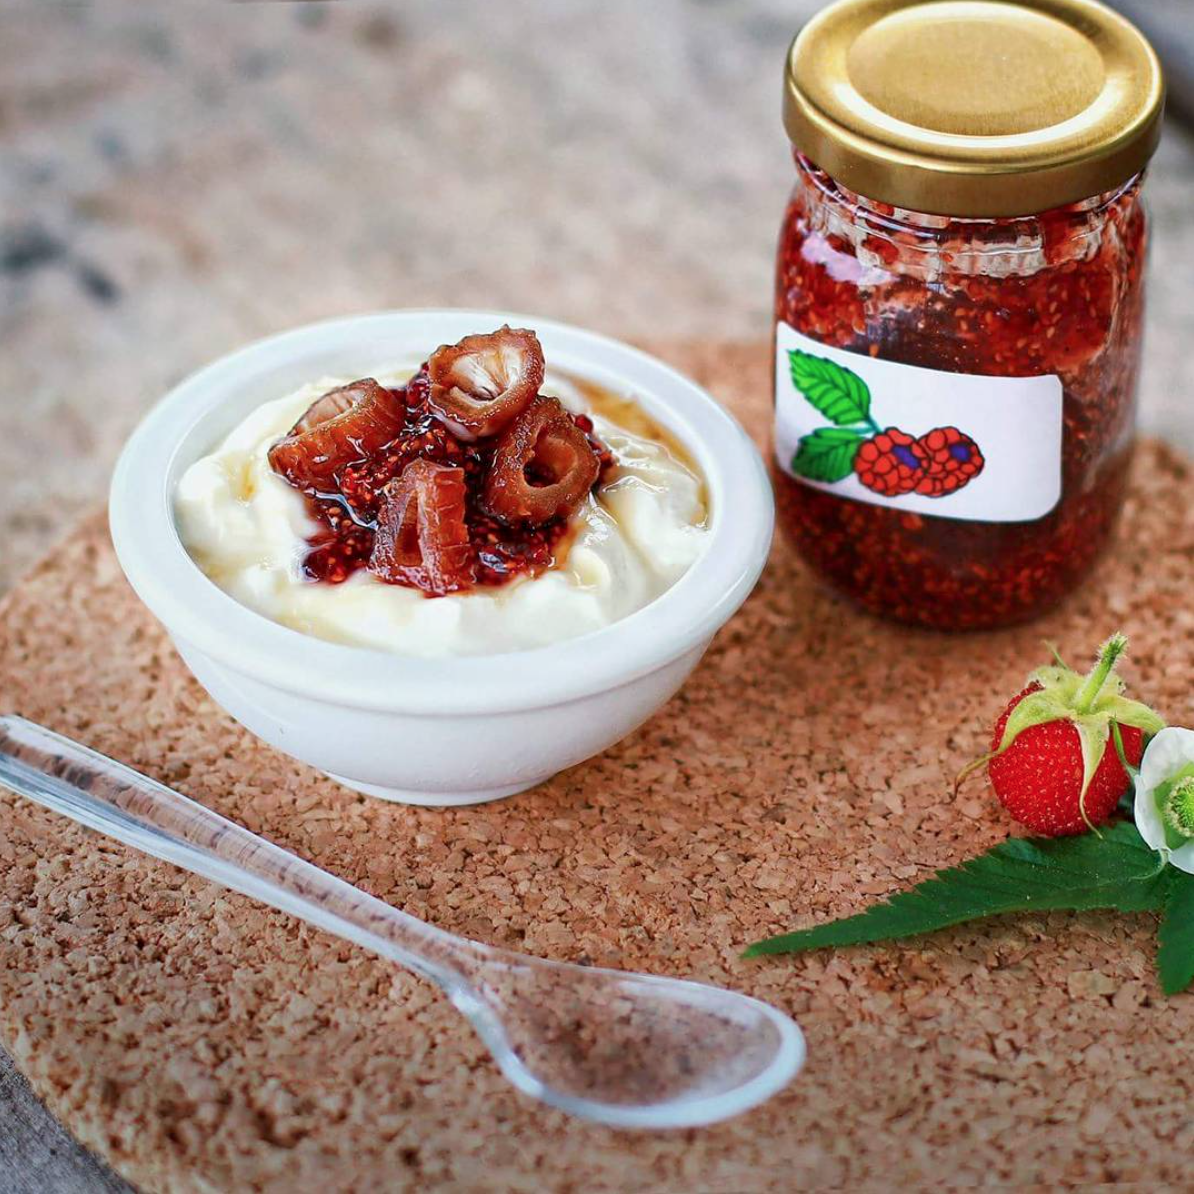 POSTRE CON MERMELADA DE MORA  - Agregale a tu   Yogurt Griego Artesanal GOA   un poco de Mermelada de Moras casera + unos Dátiles y tienes un postre delicioso!